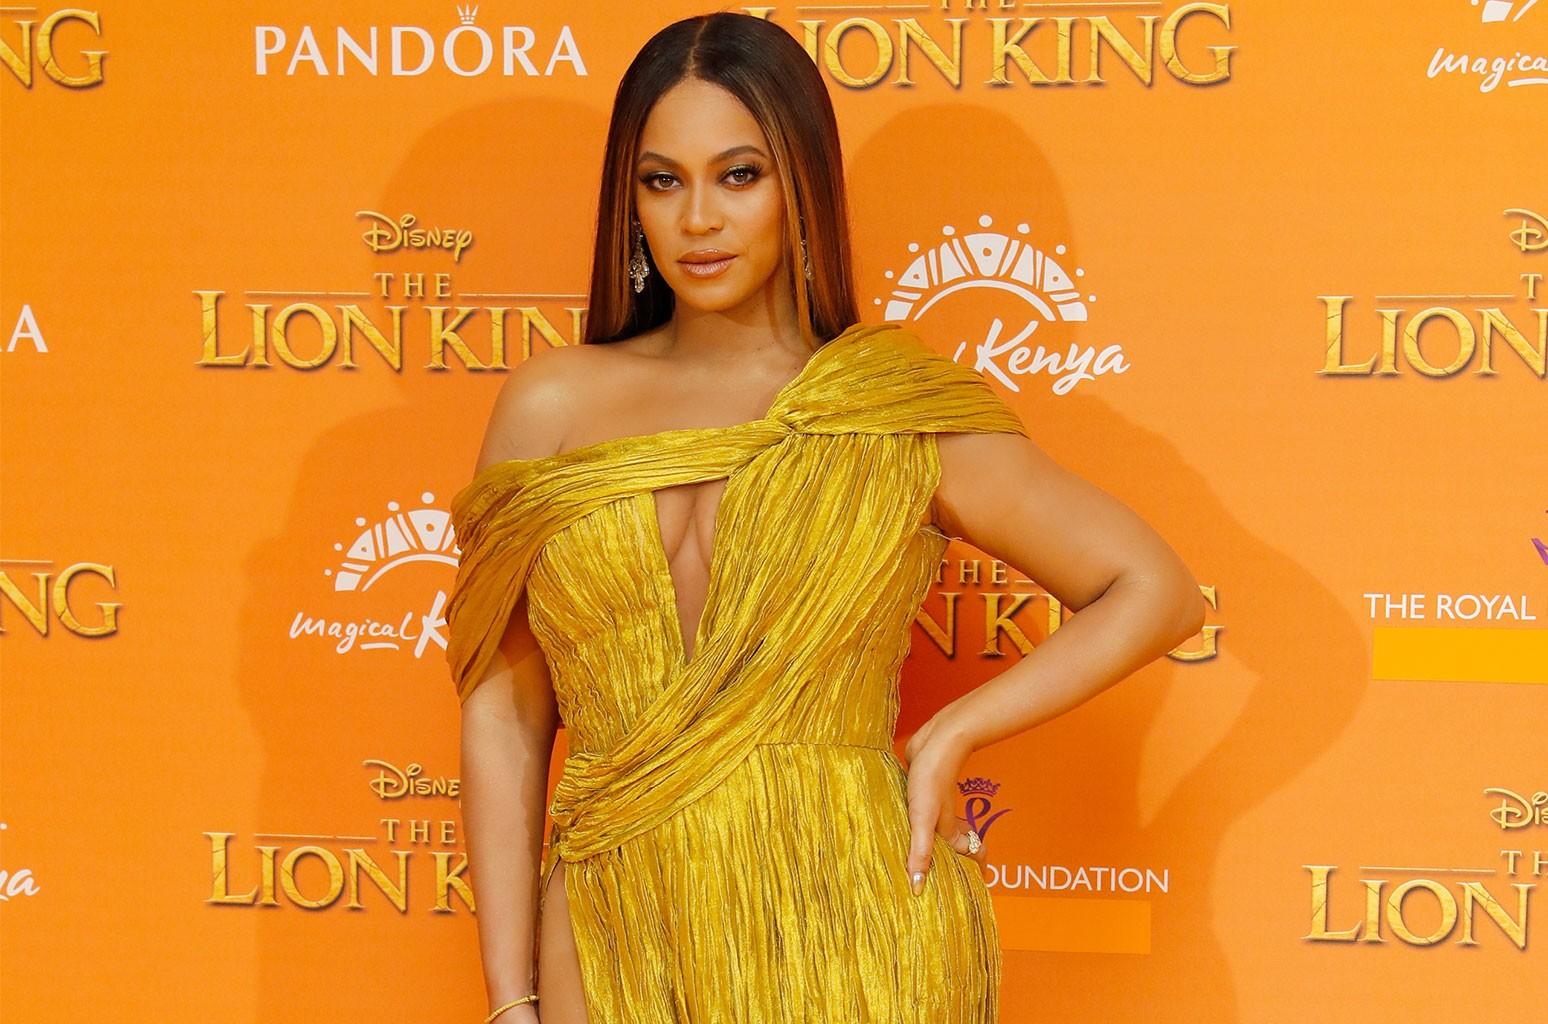 Beyoncé Awarding $5,000 Grants to Families Facing Eviction